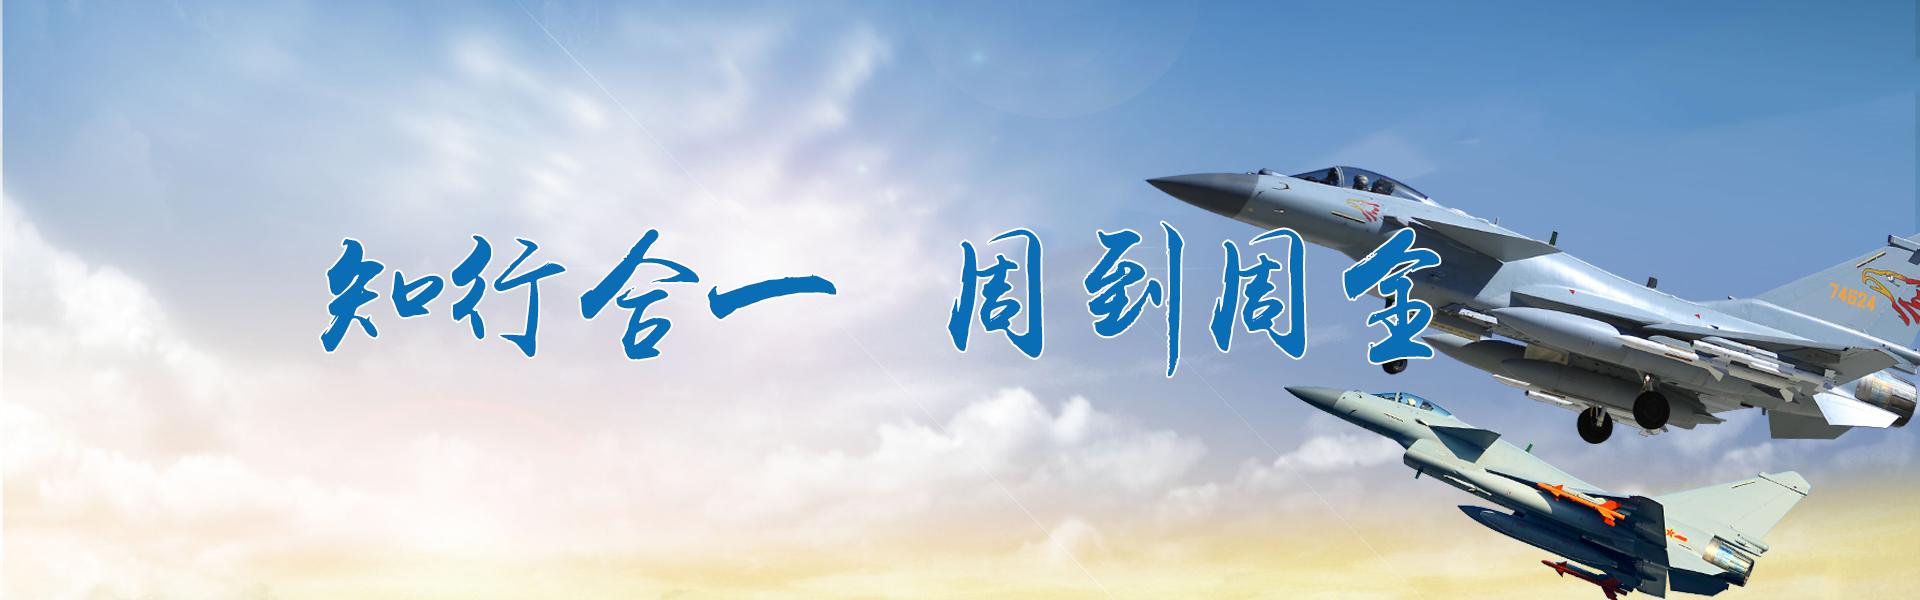 四川草莓视频APP下载窗口免费科技有限責任公司